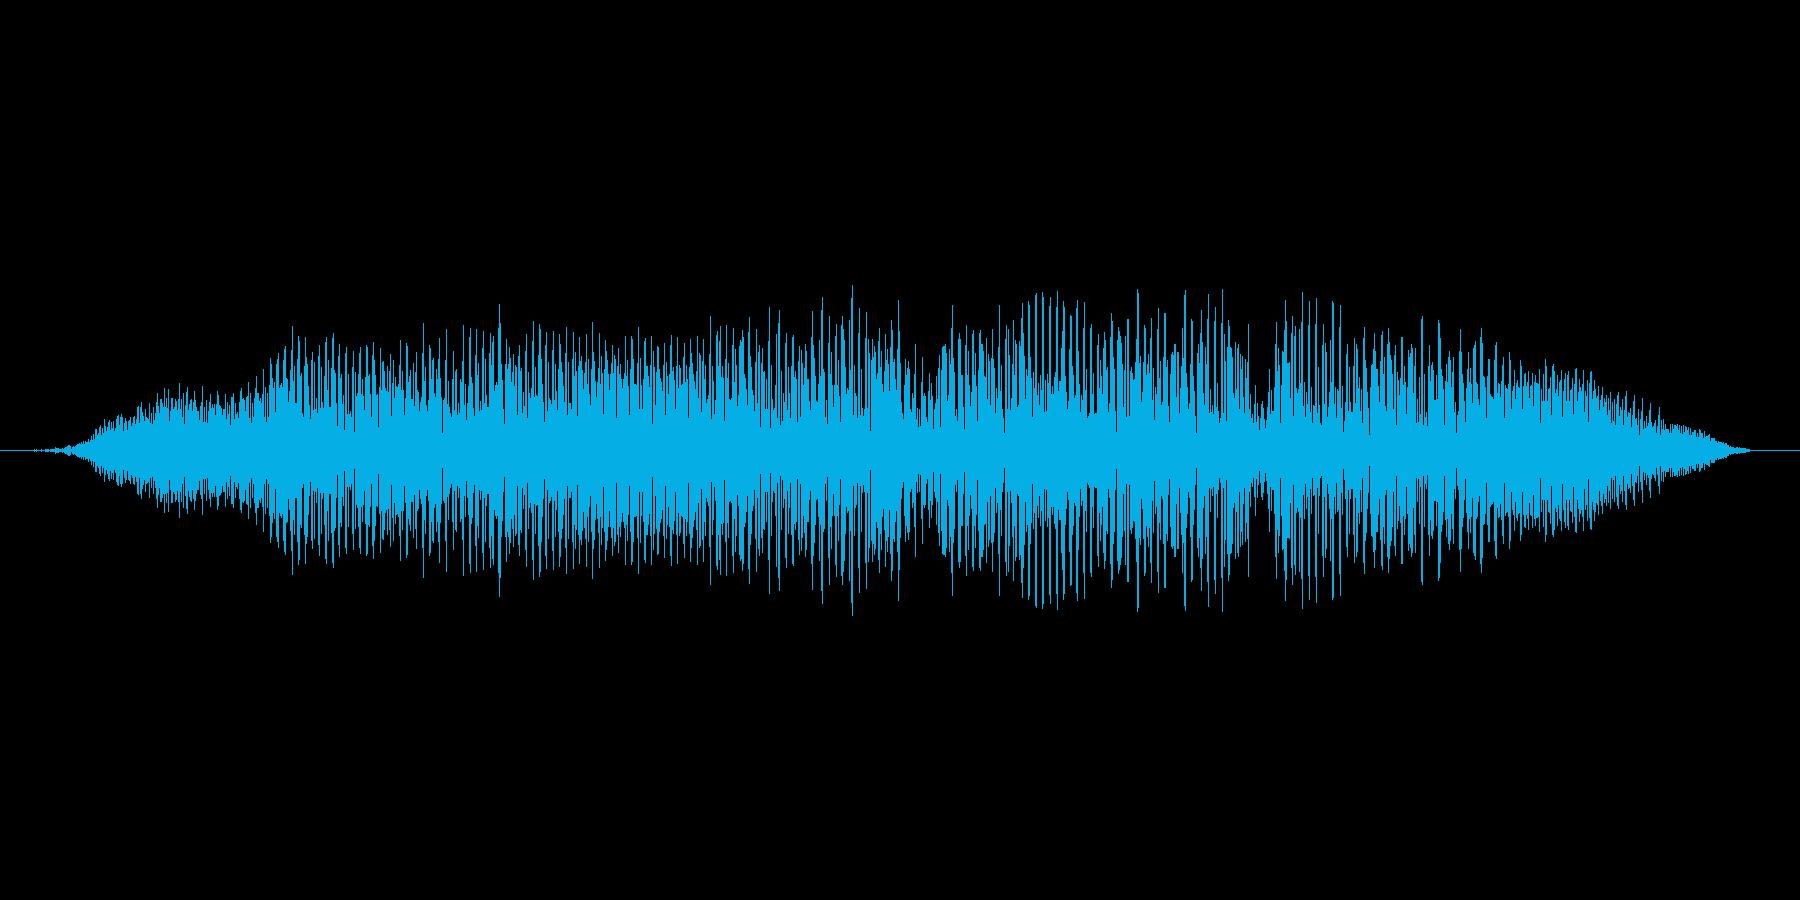 【ゾンビボイス】うなり声2の再生済みの波形